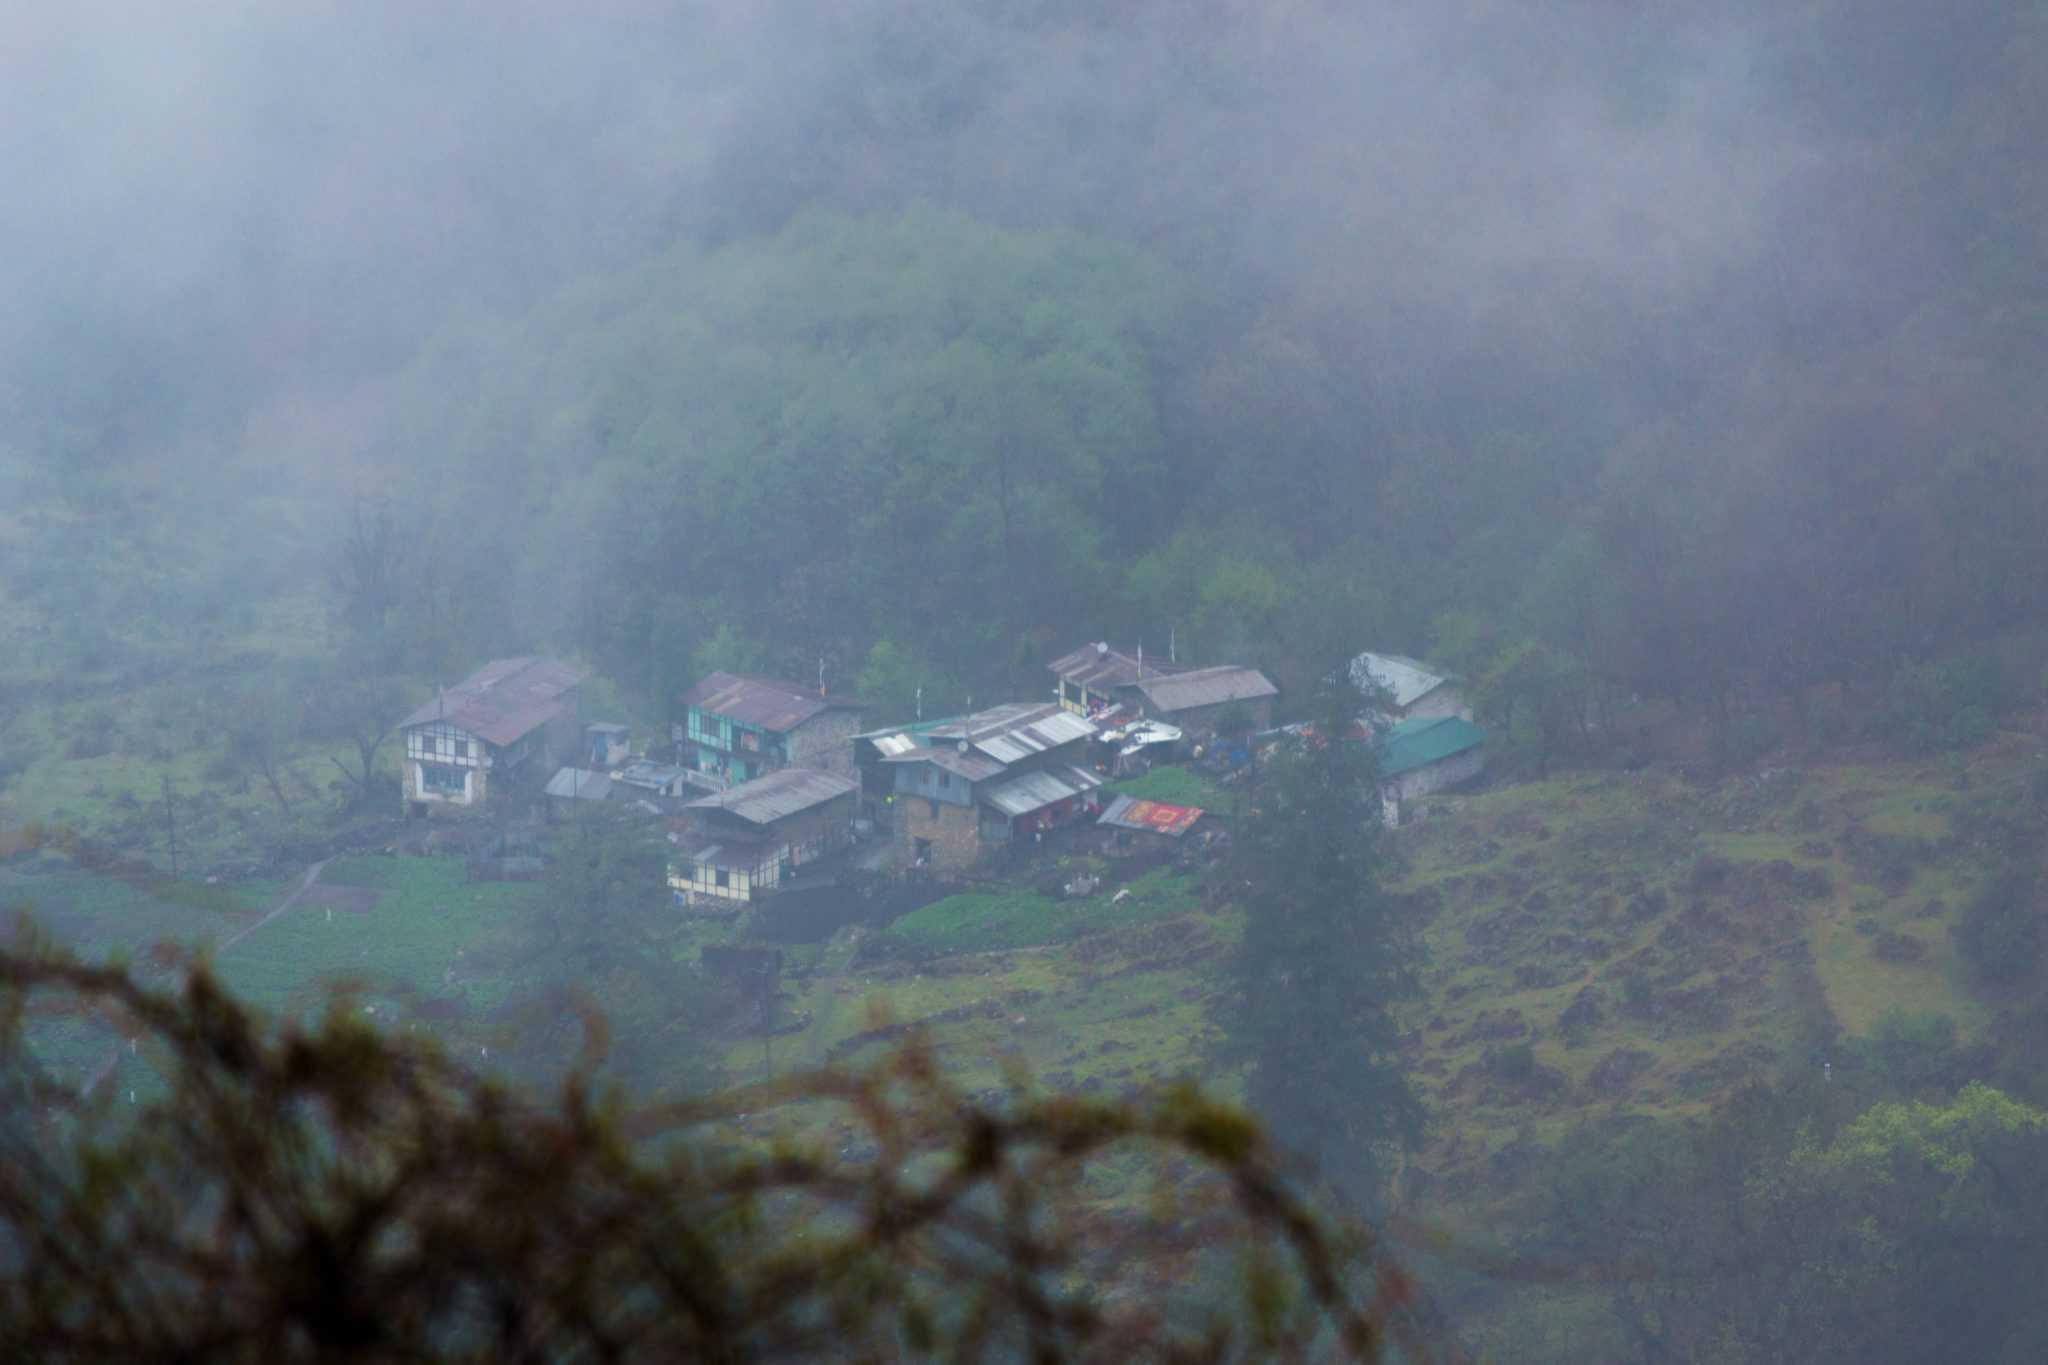 Tawang to Bomdila road